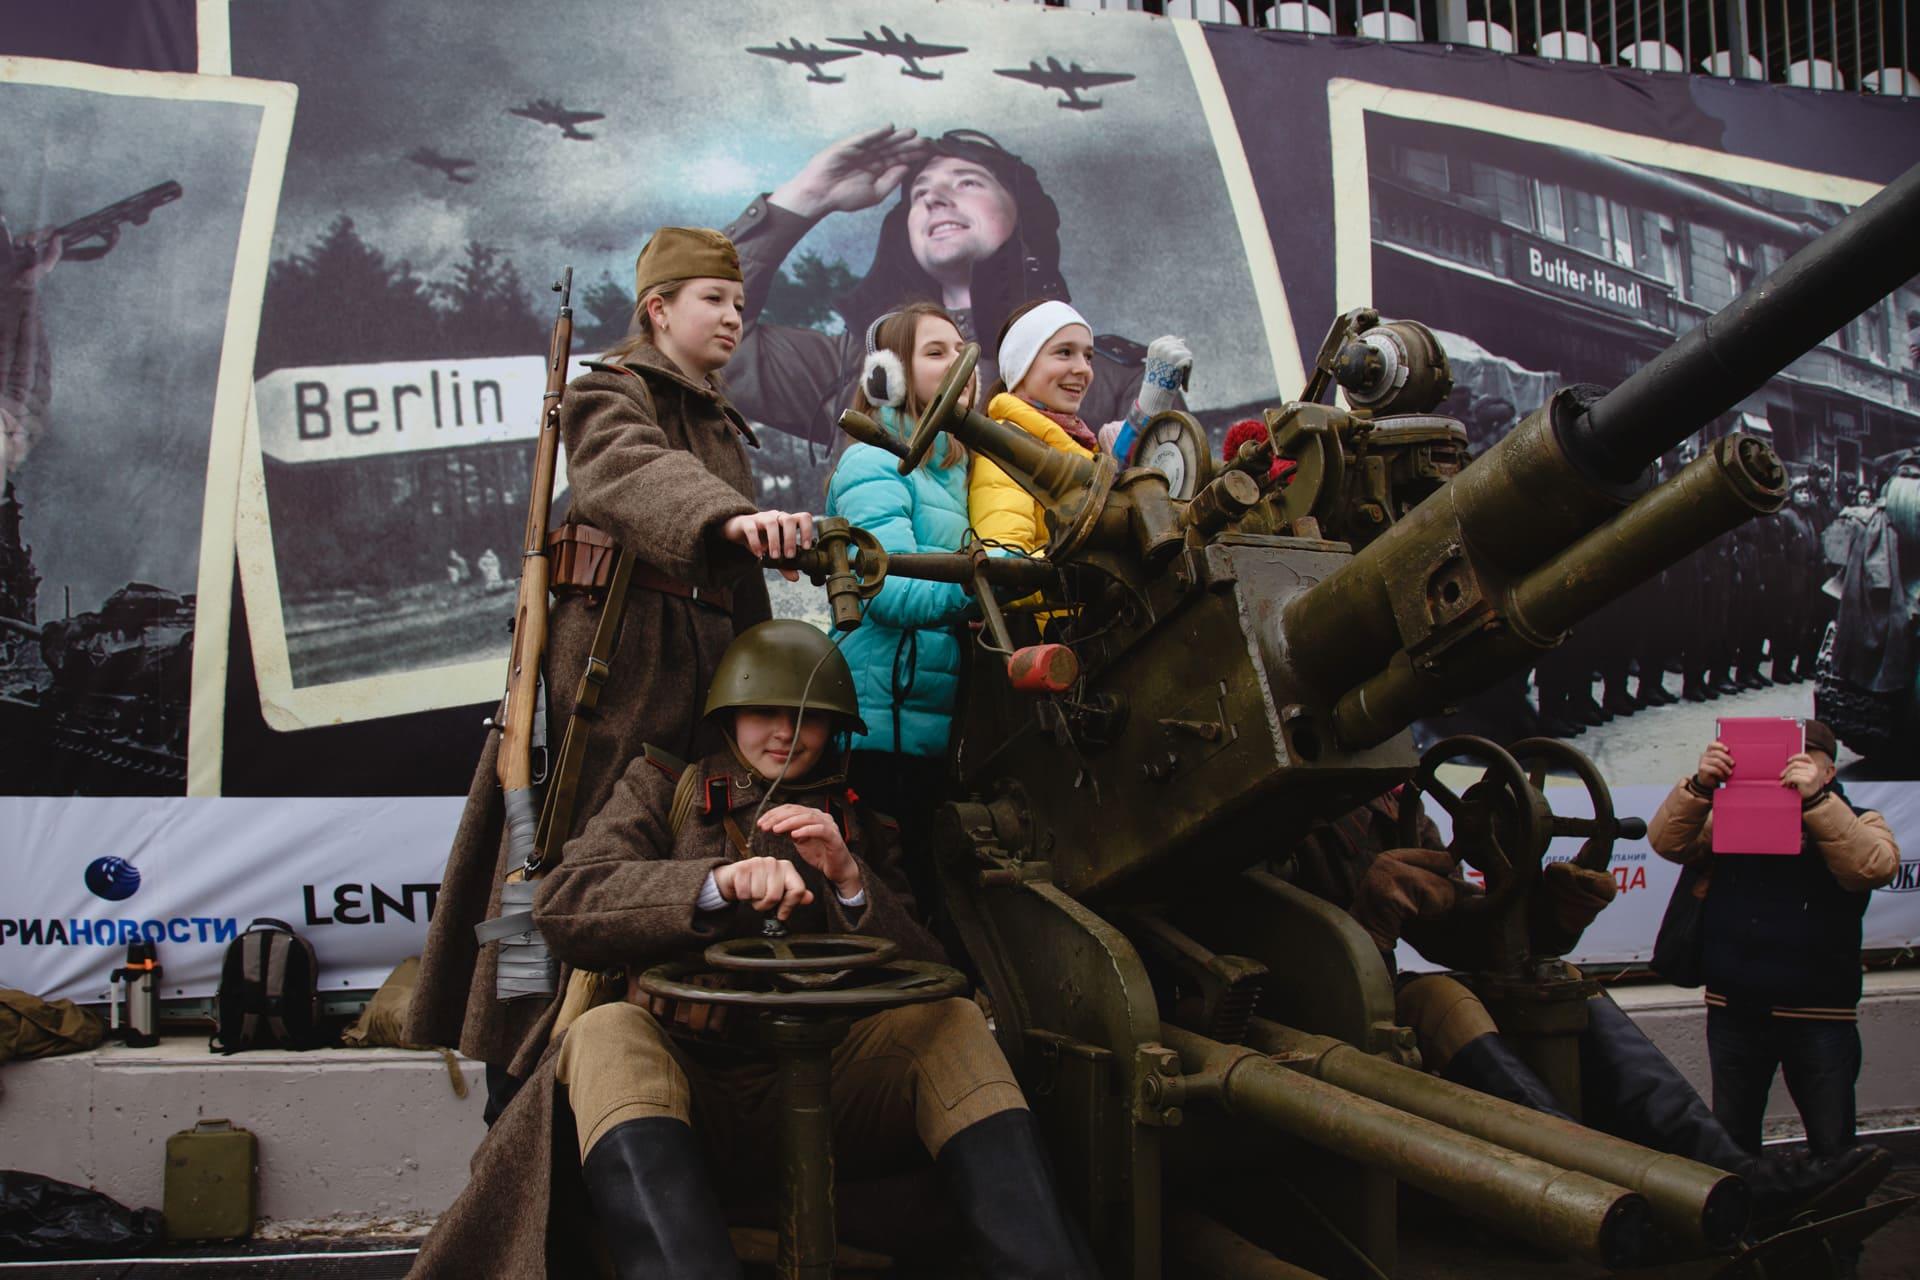 Российская реконструкция «Штурм Берлина» получила премию Eventex